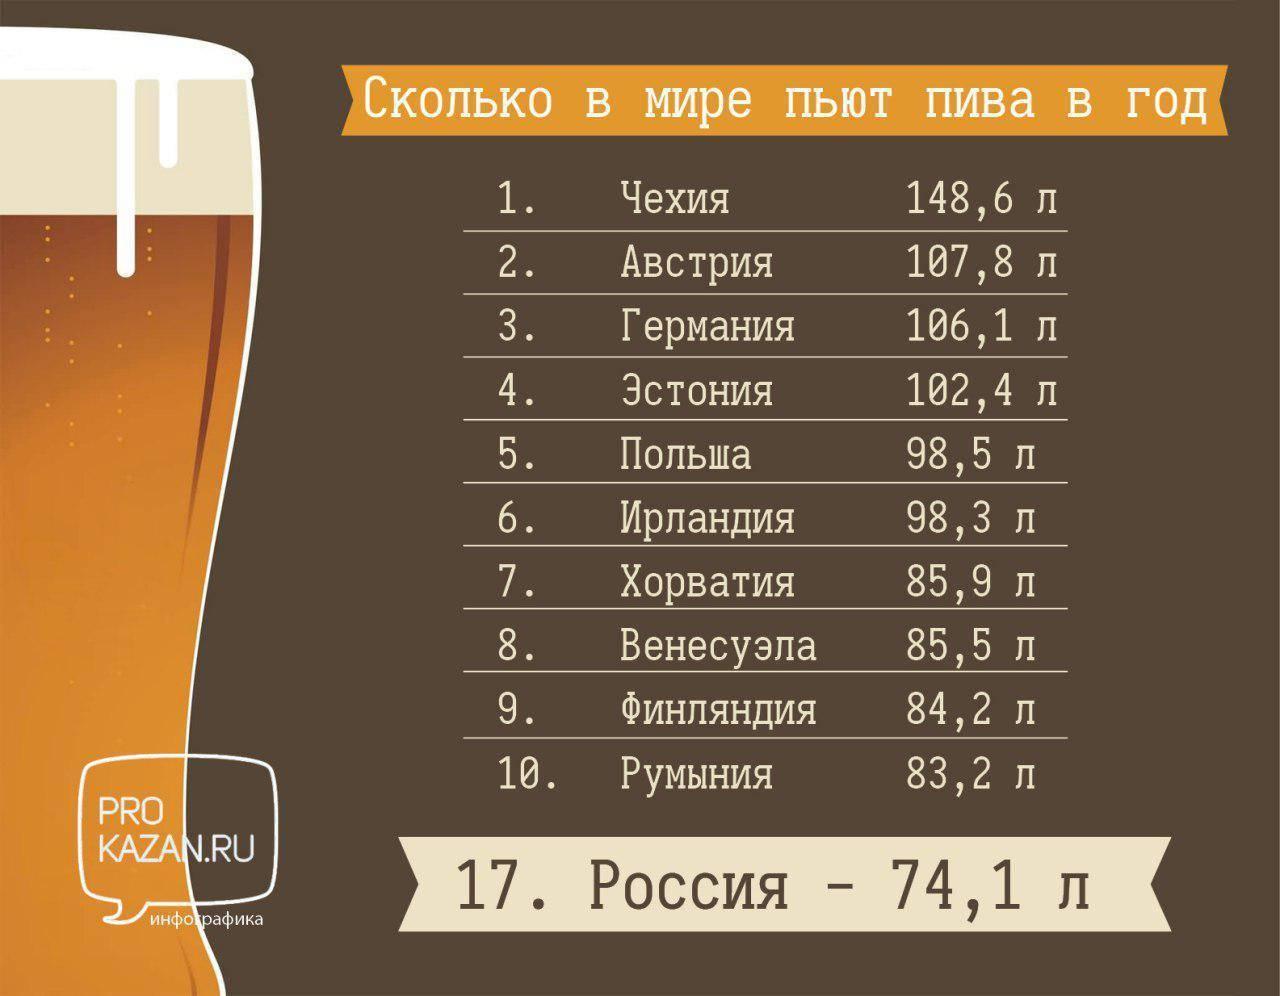 Пиво содержит спирт или нет. сколько процентов алкоголя содержится в пиве? полезно ли пиво для сердца